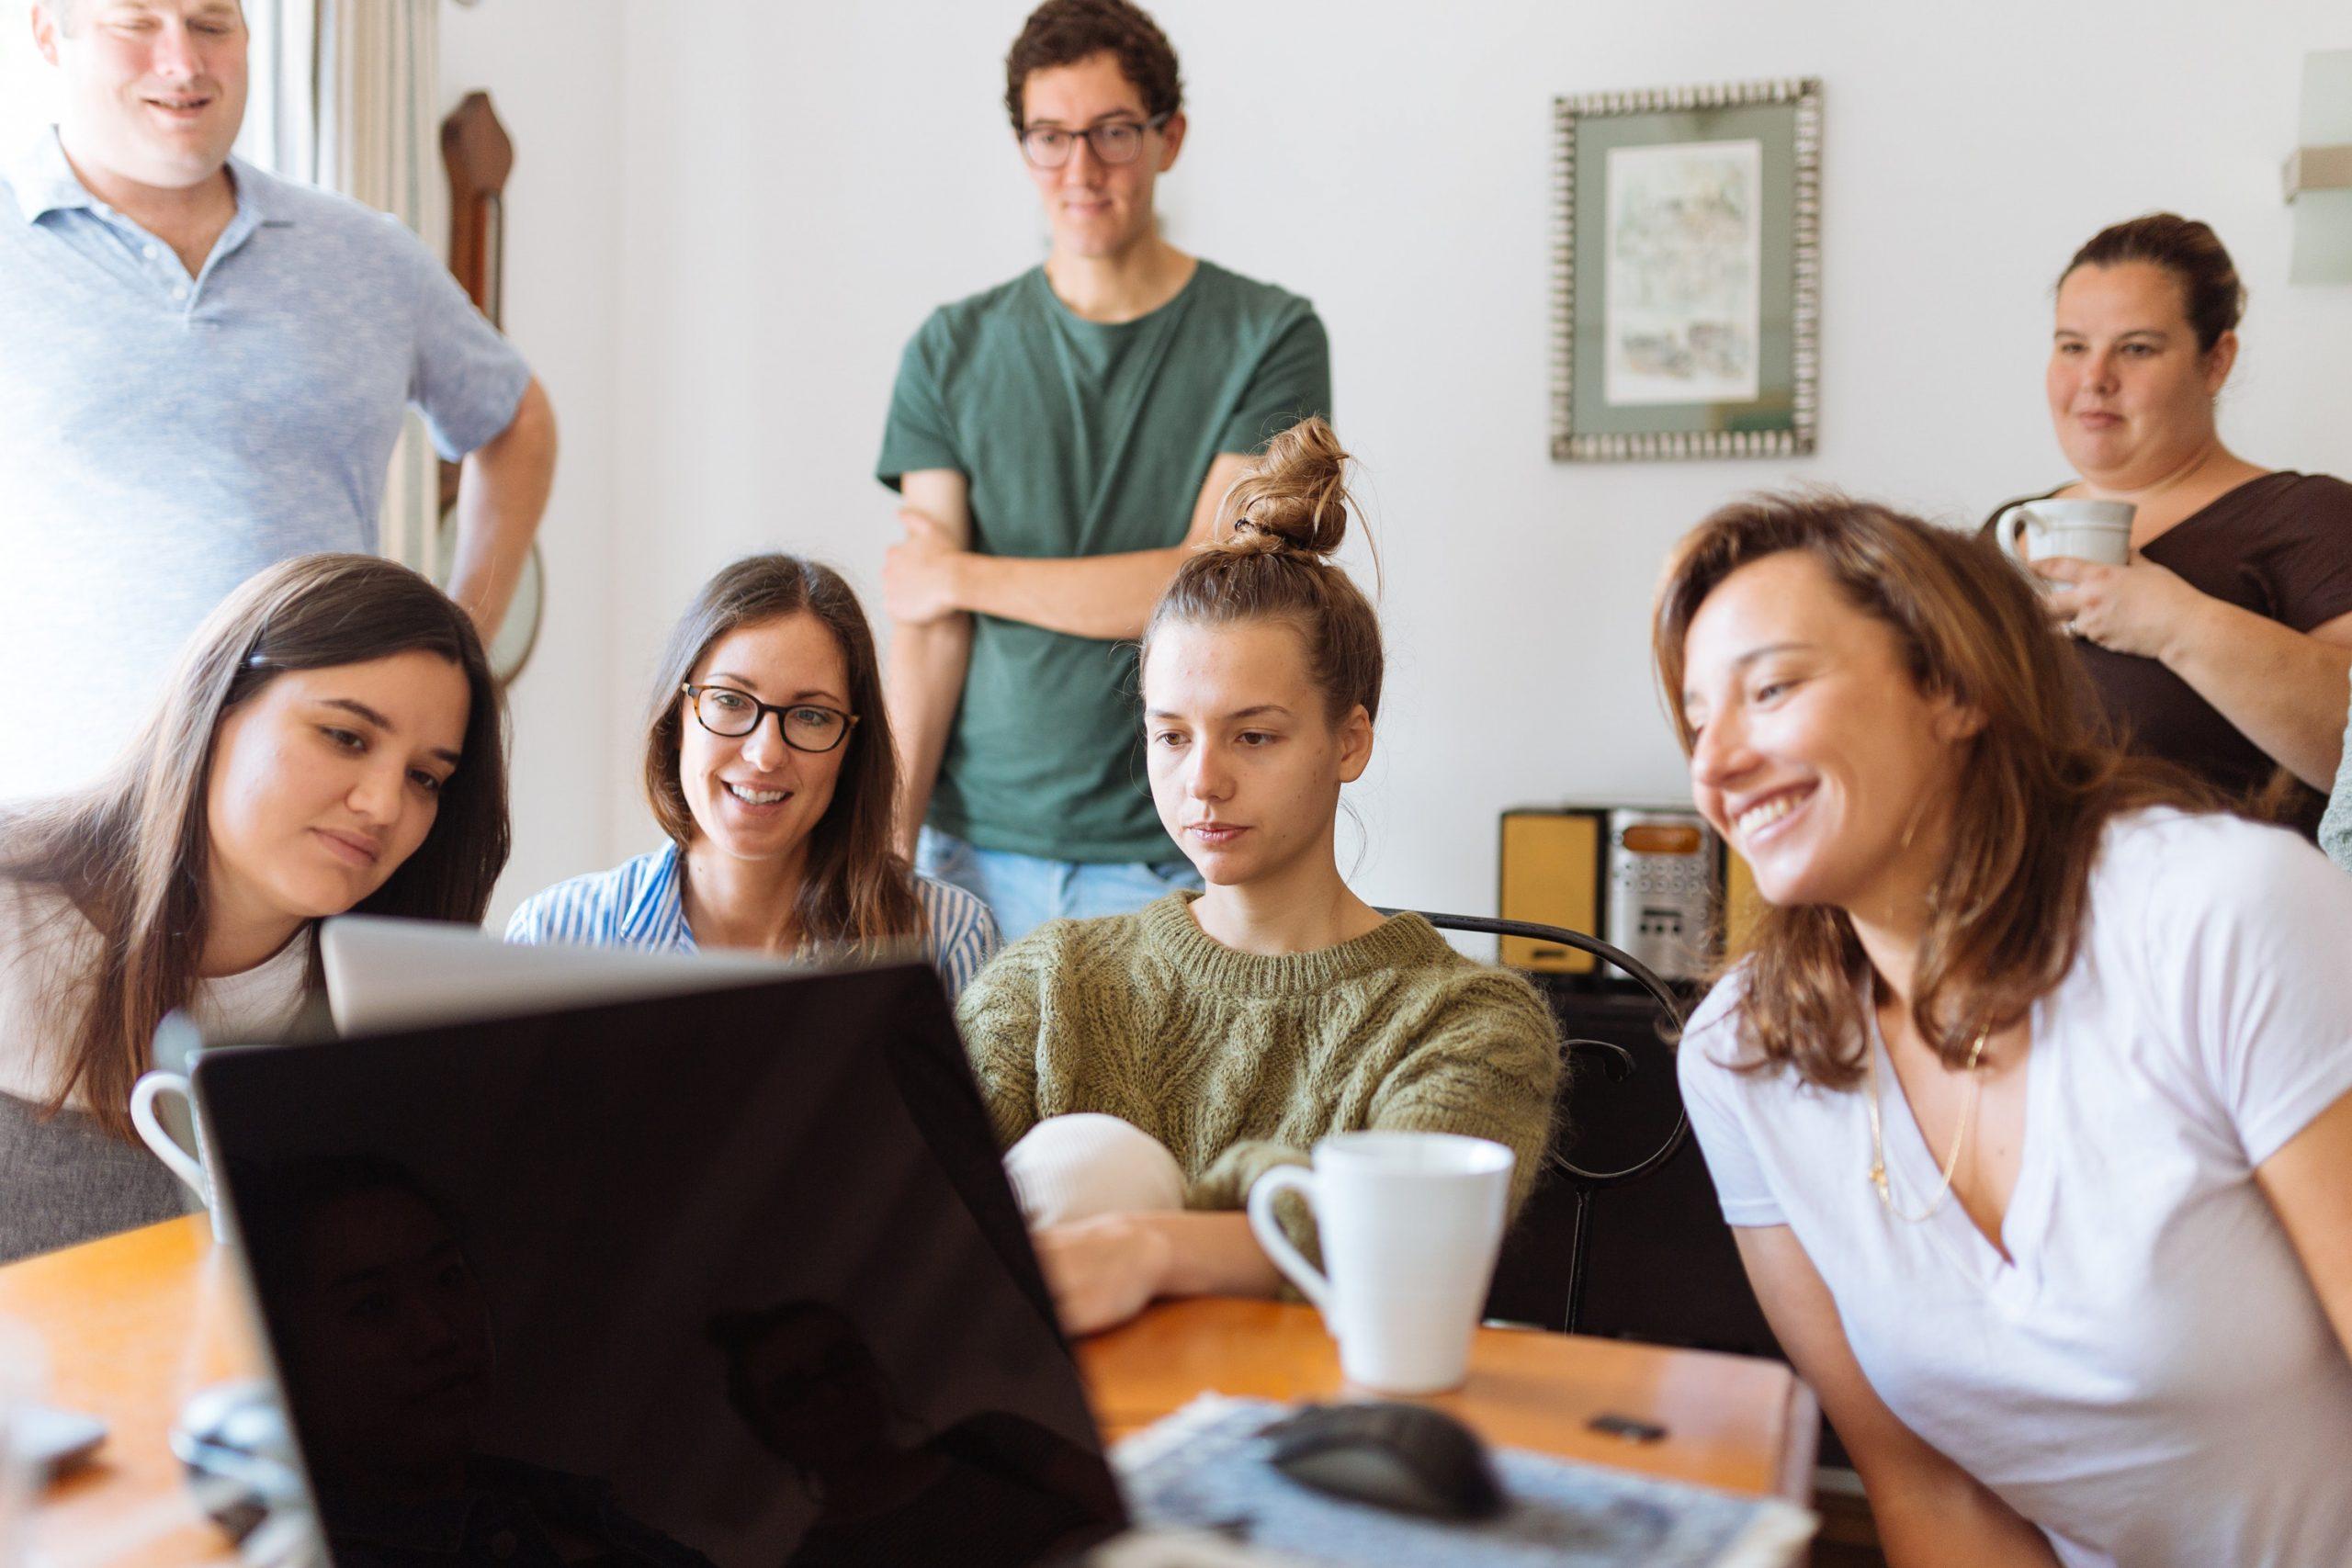 grupo viendo un video en el ordenador